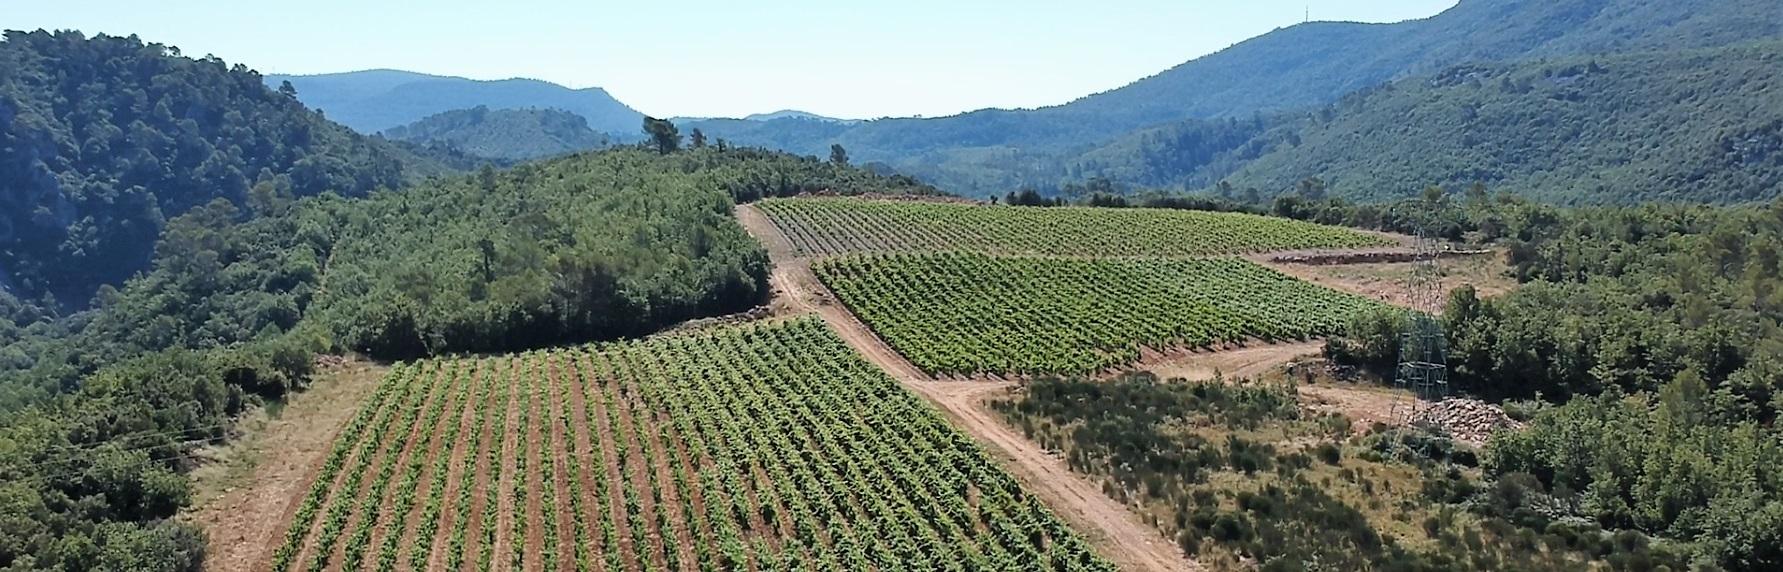 domaine viticole-vins terroir-agriculture biologique